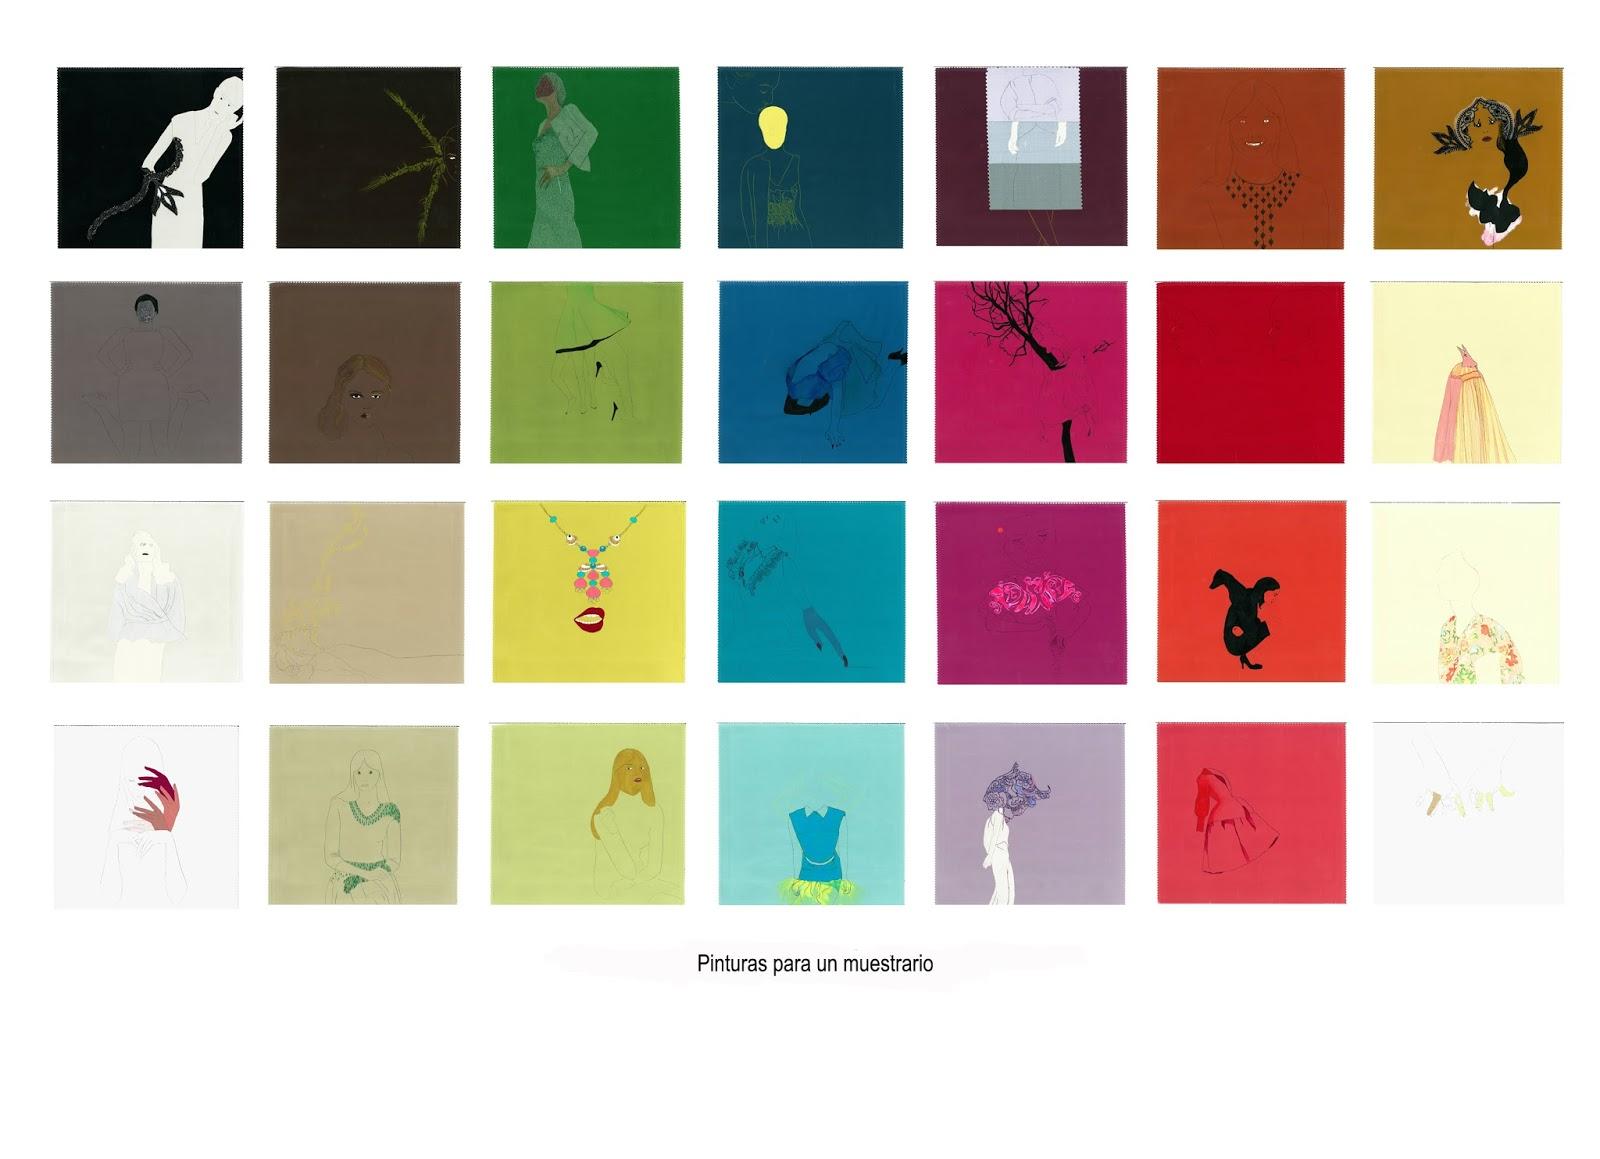 Muestrario colores pinturas quotes for Muestrario de pinturas